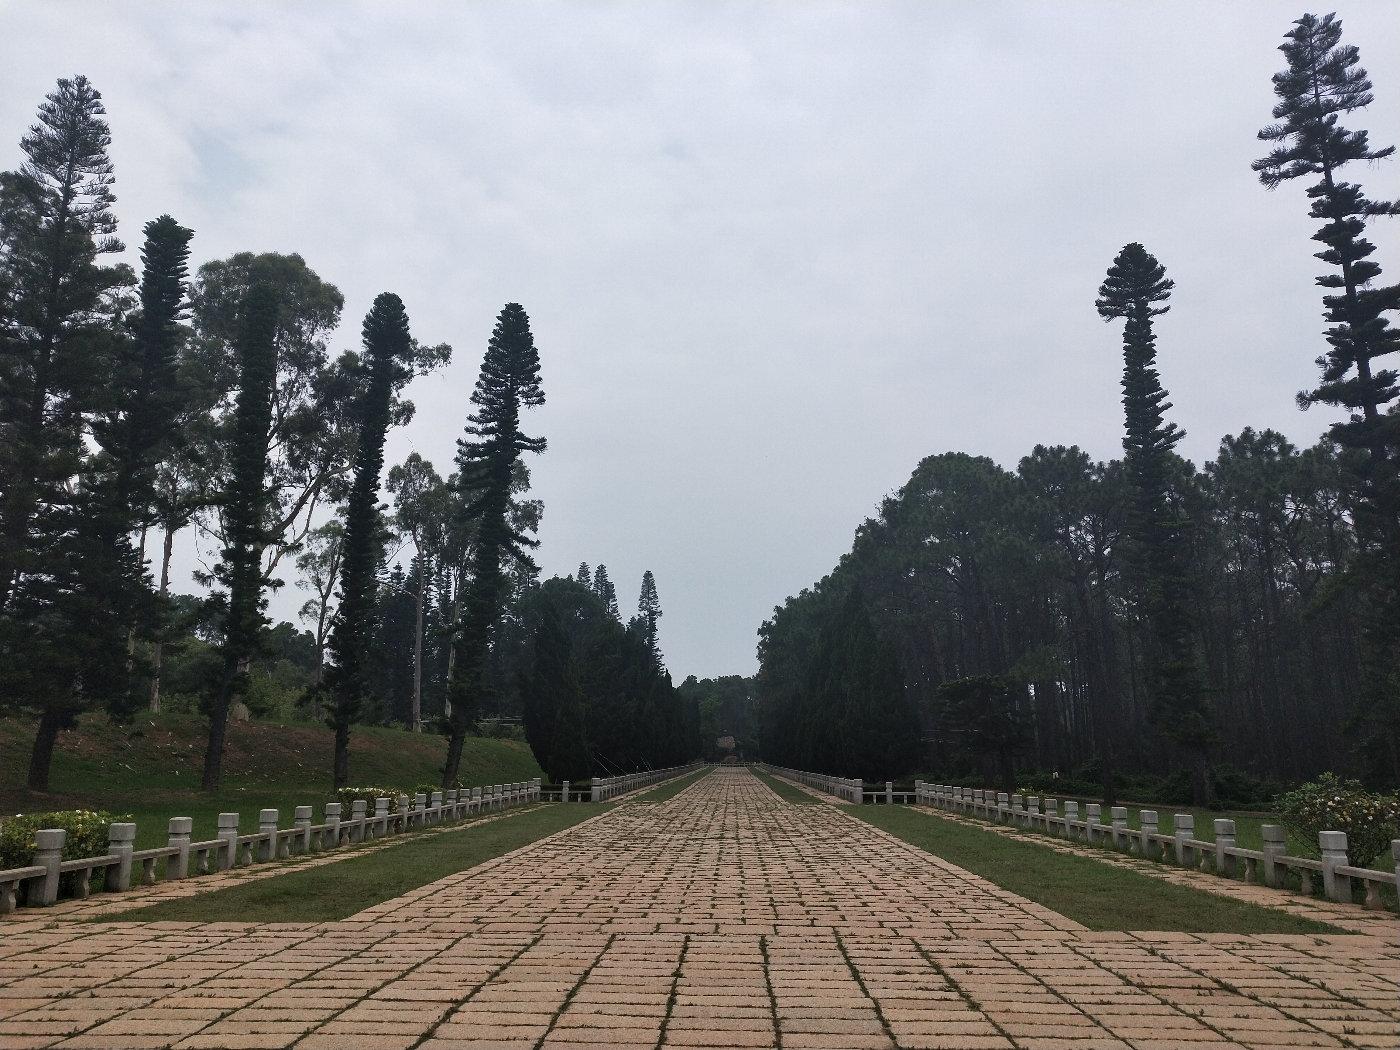 纪念馆后面的道路两旁都有高大的树,路面真的很干净